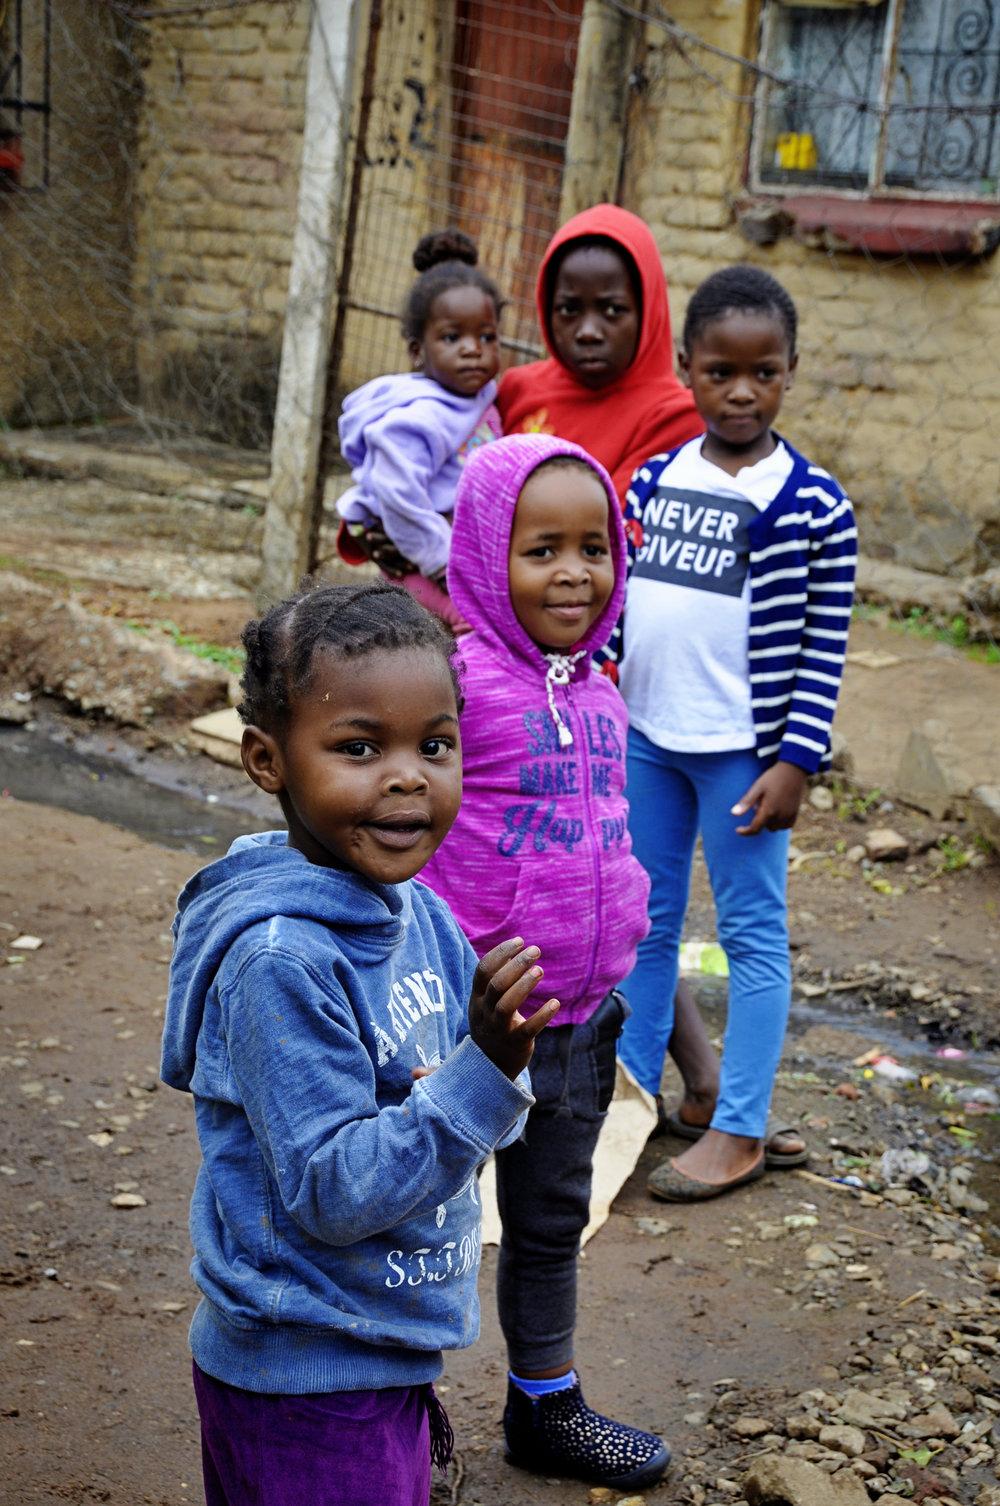 Africa-Johannesburg-40.jpg